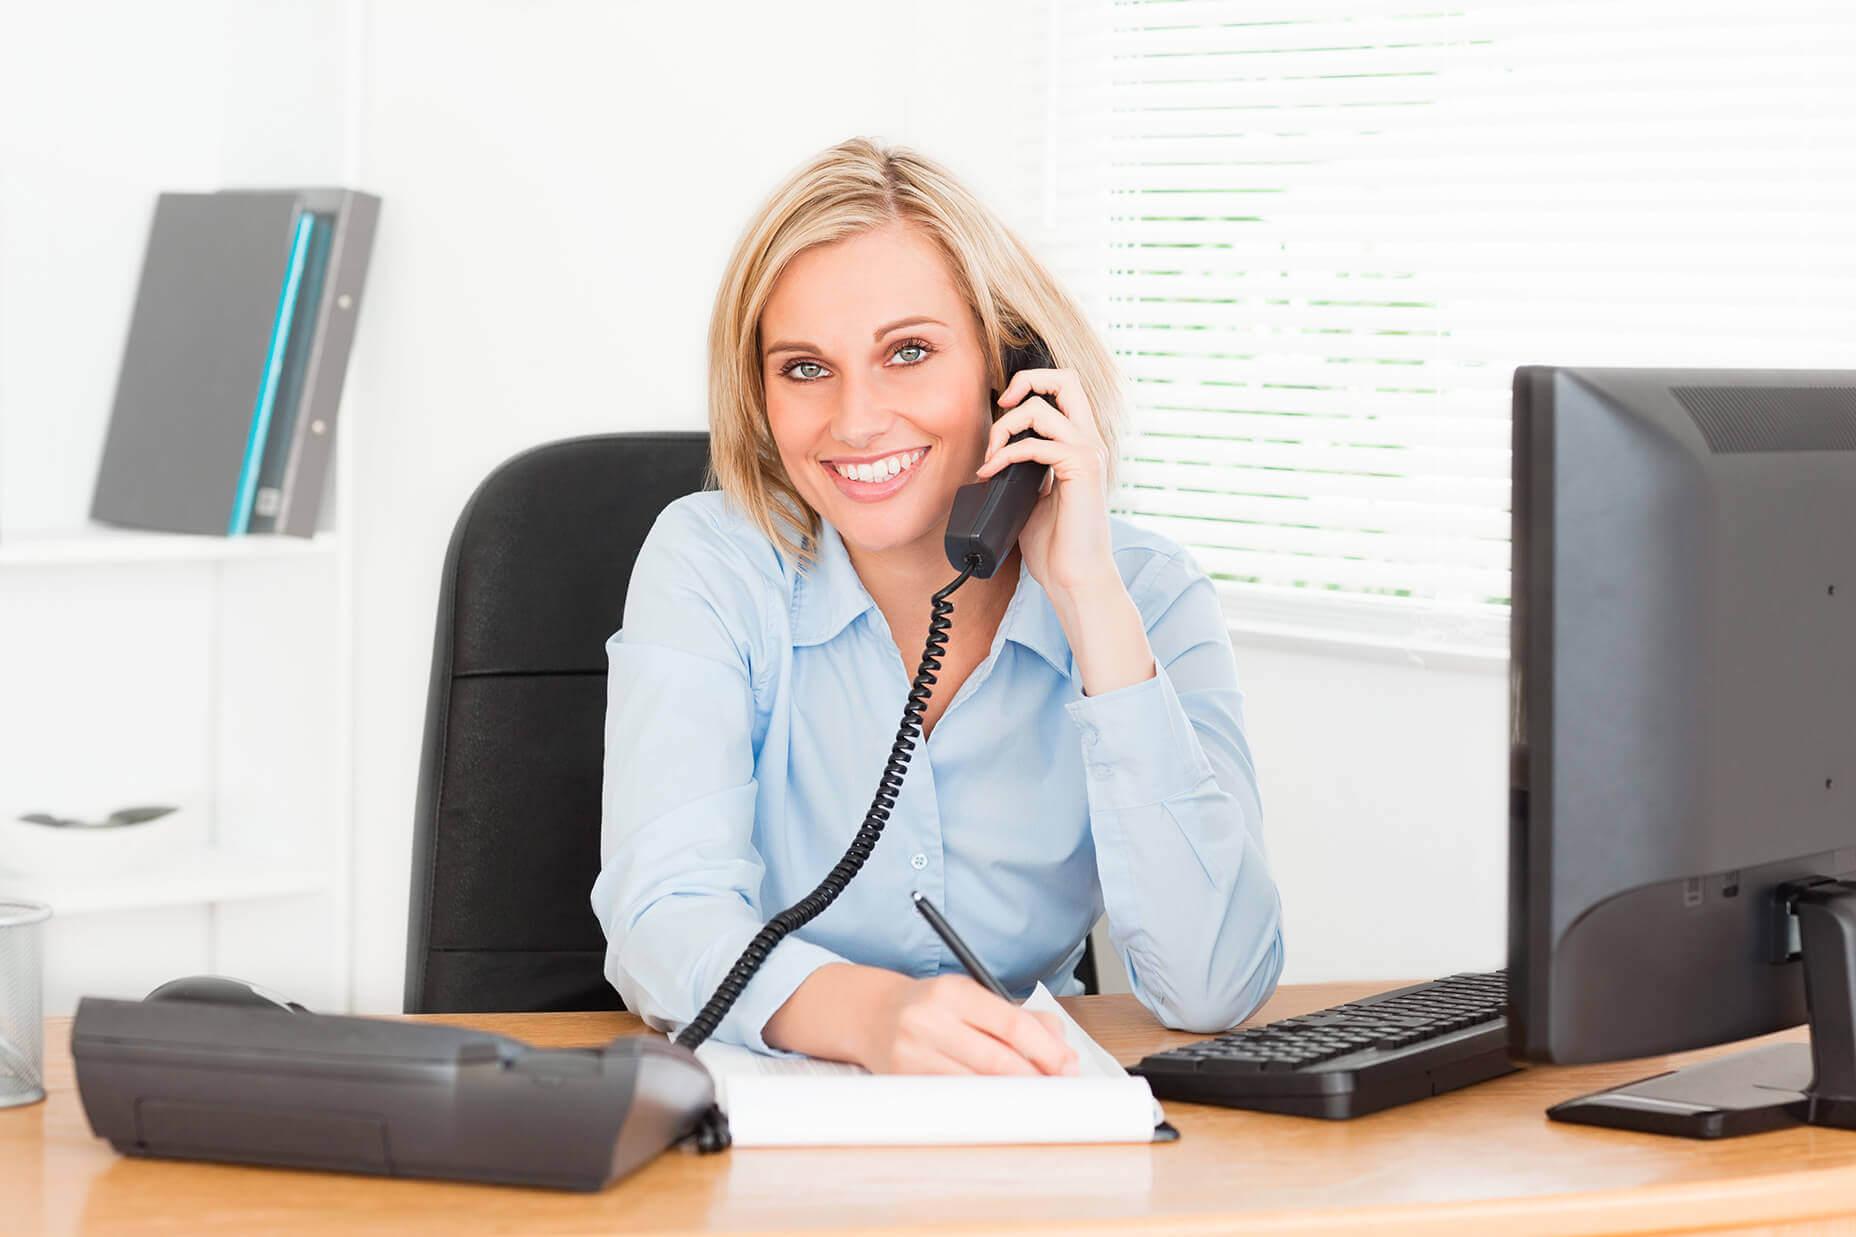 Junge weibliche Reisswolf Angestellte hält Telefonhörer in der Hand und lächelt in die Kamera